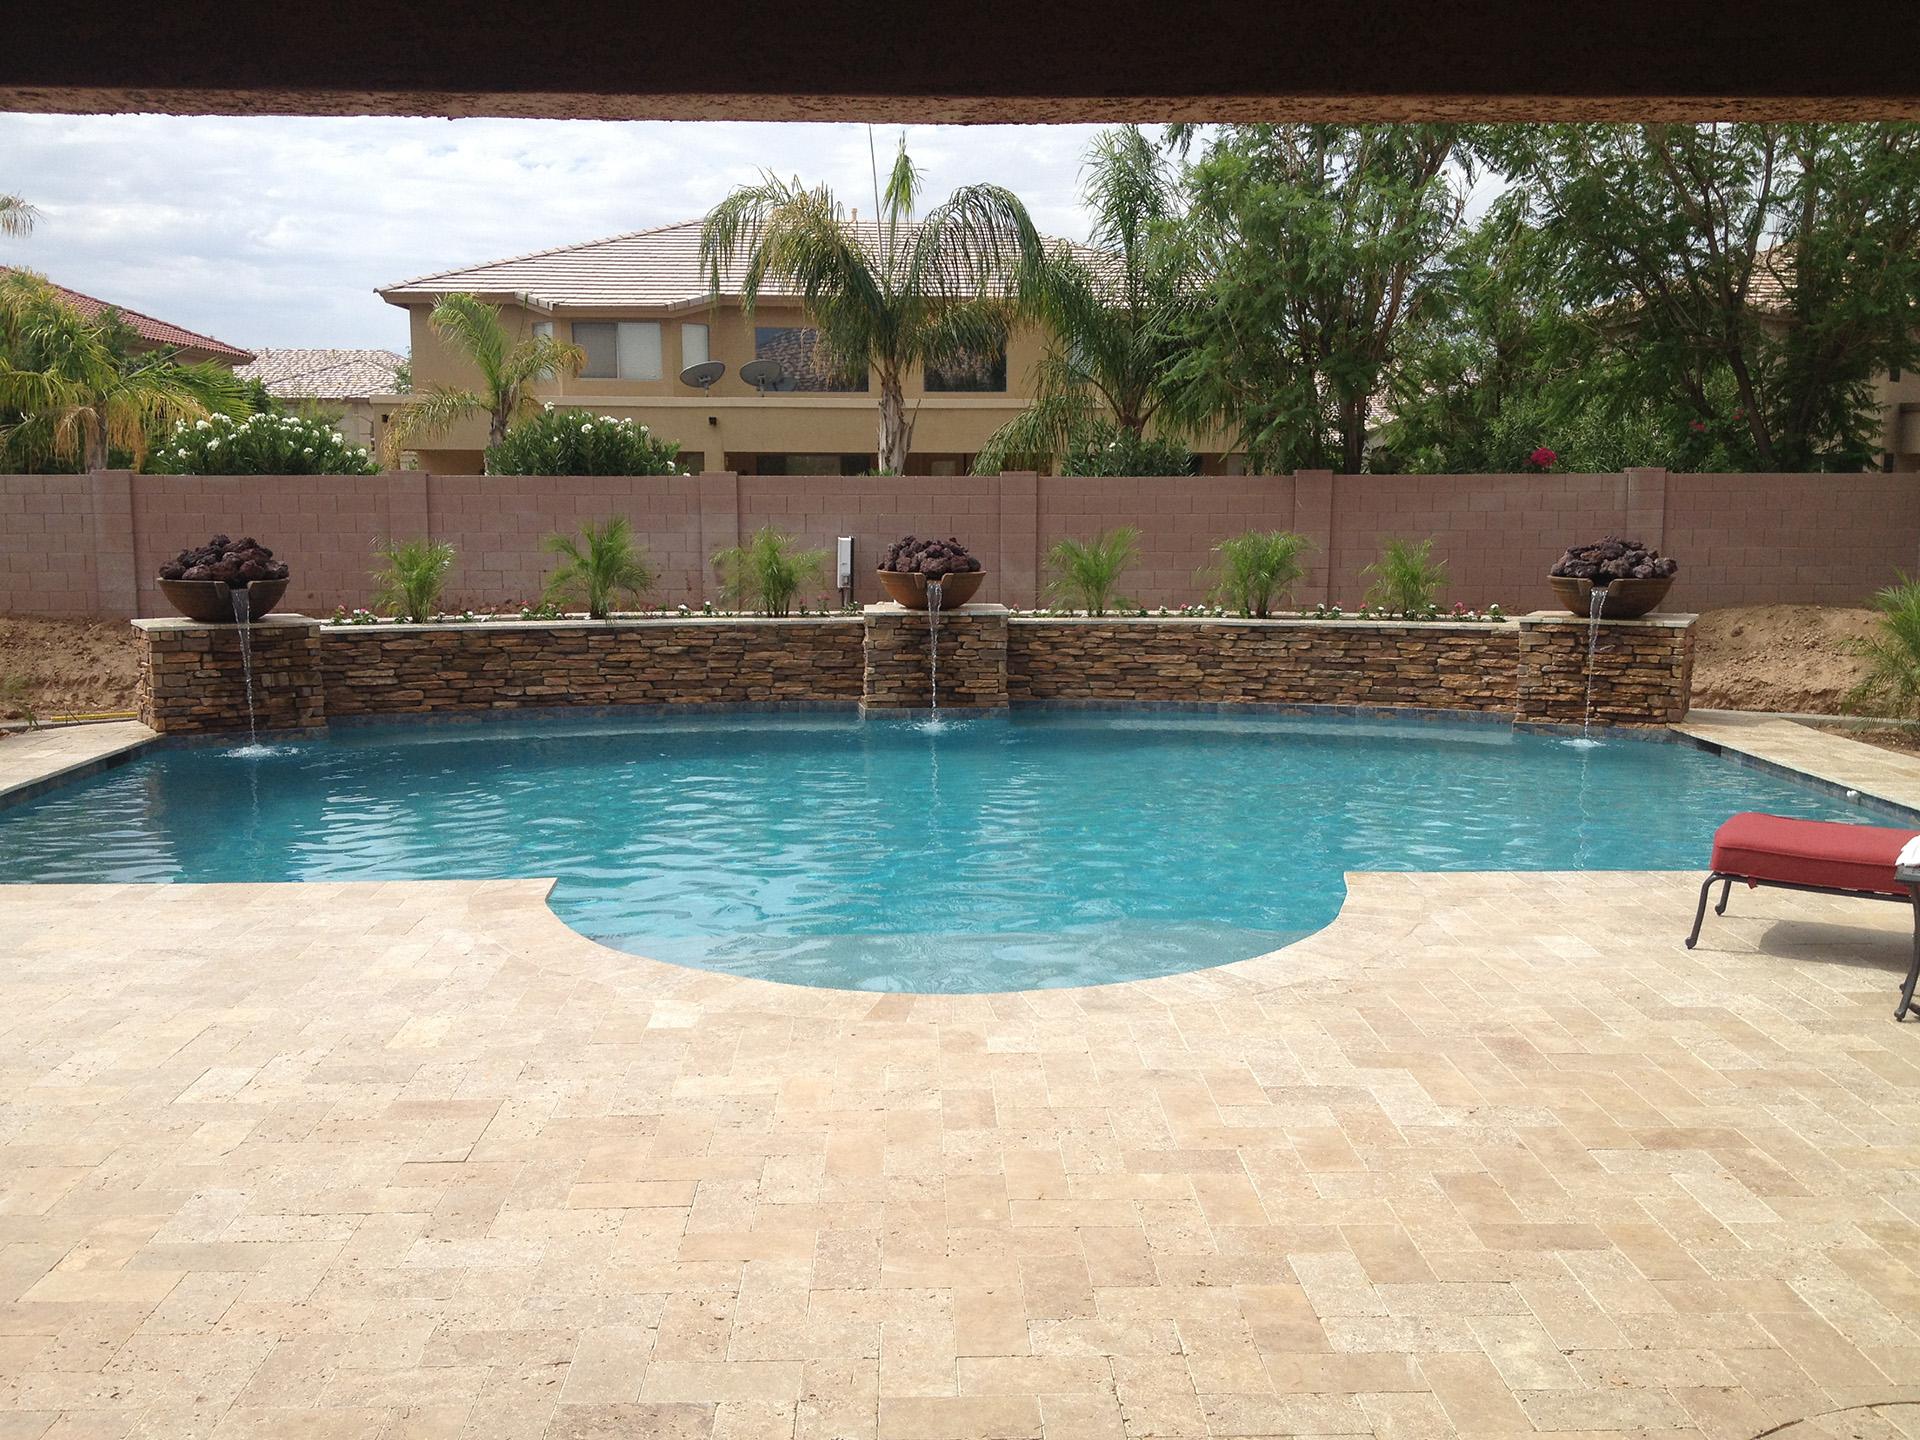 No limit pools spas in mesa az 85206 for Pools in mesa az